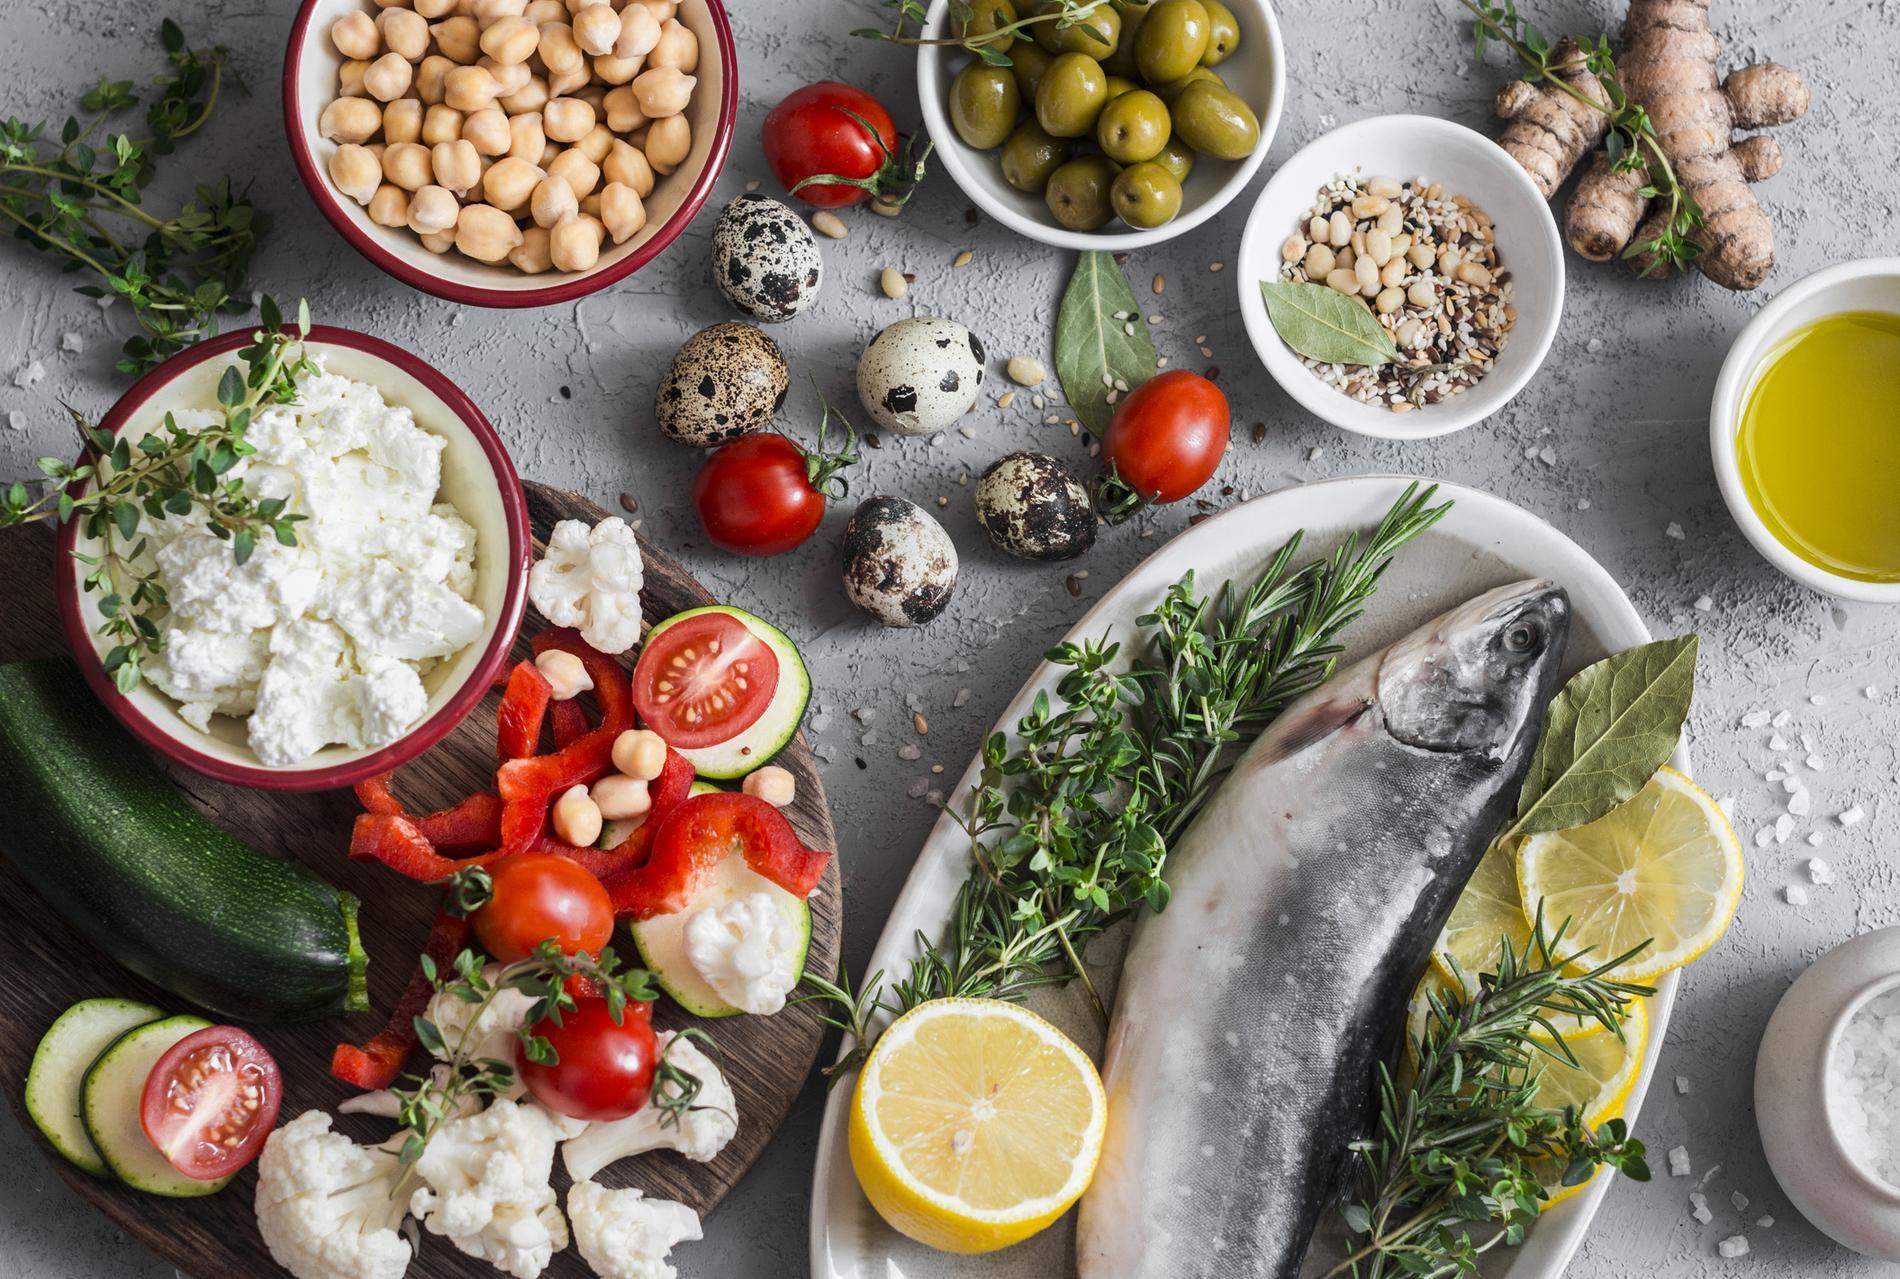 Envie de manger sain ? Voici les 4 règles à respecter - Madame Figaro